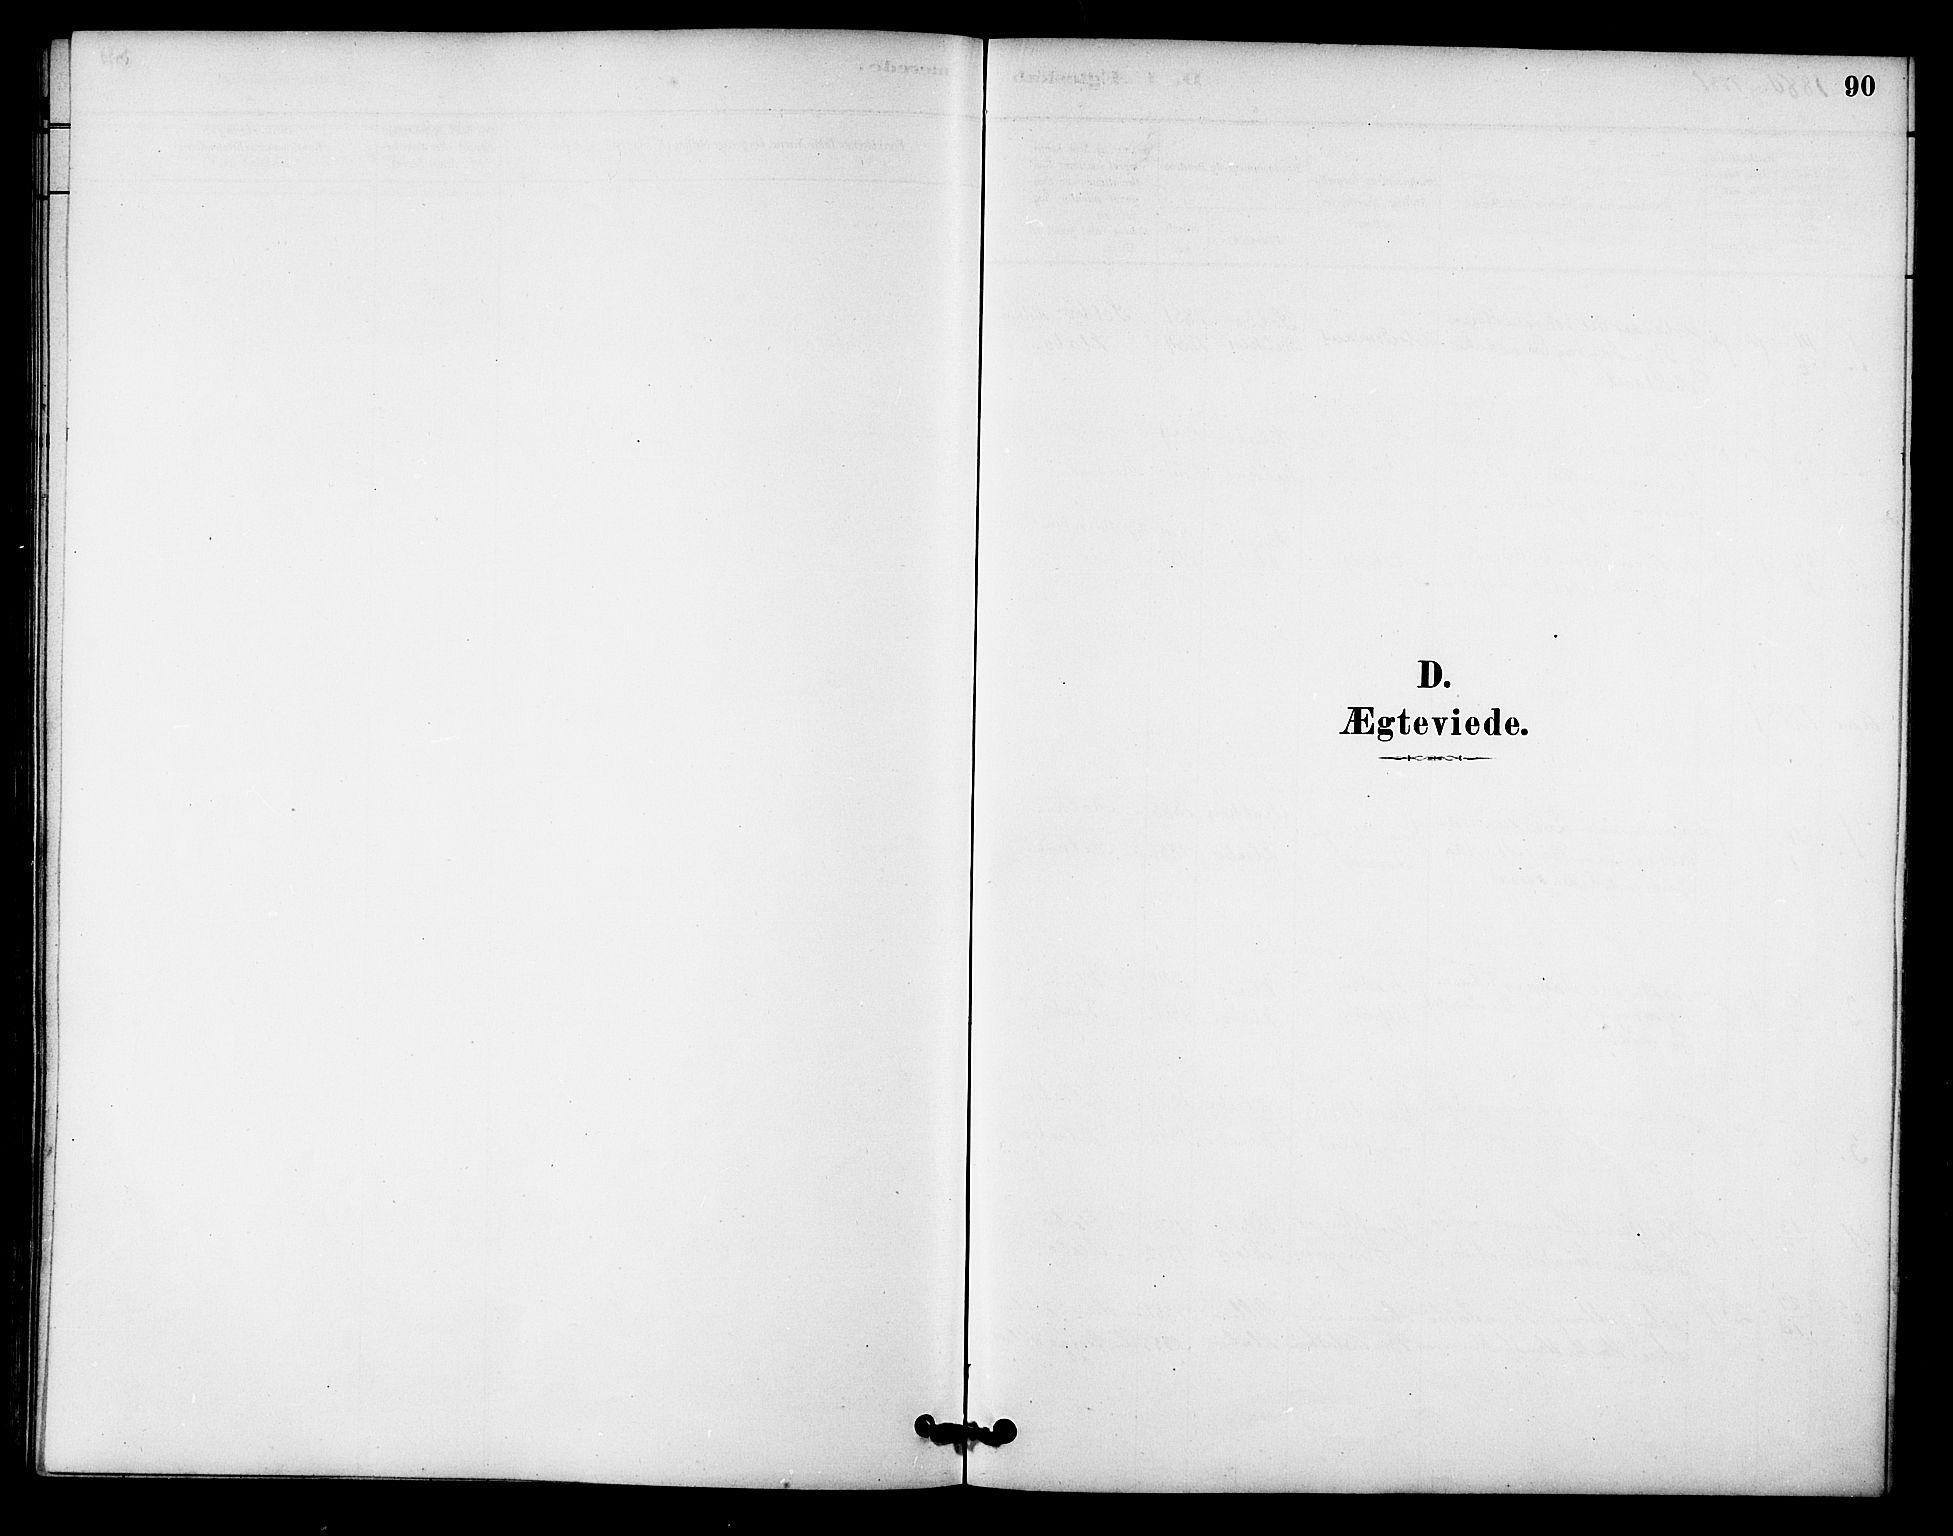 SAT, Ministerialprotokoller, klokkerbøker og fødselsregistre - Sør-Trøndelag, 618/L0444: Ministerialbok nr. 618A07, 1880-1898, s. 90